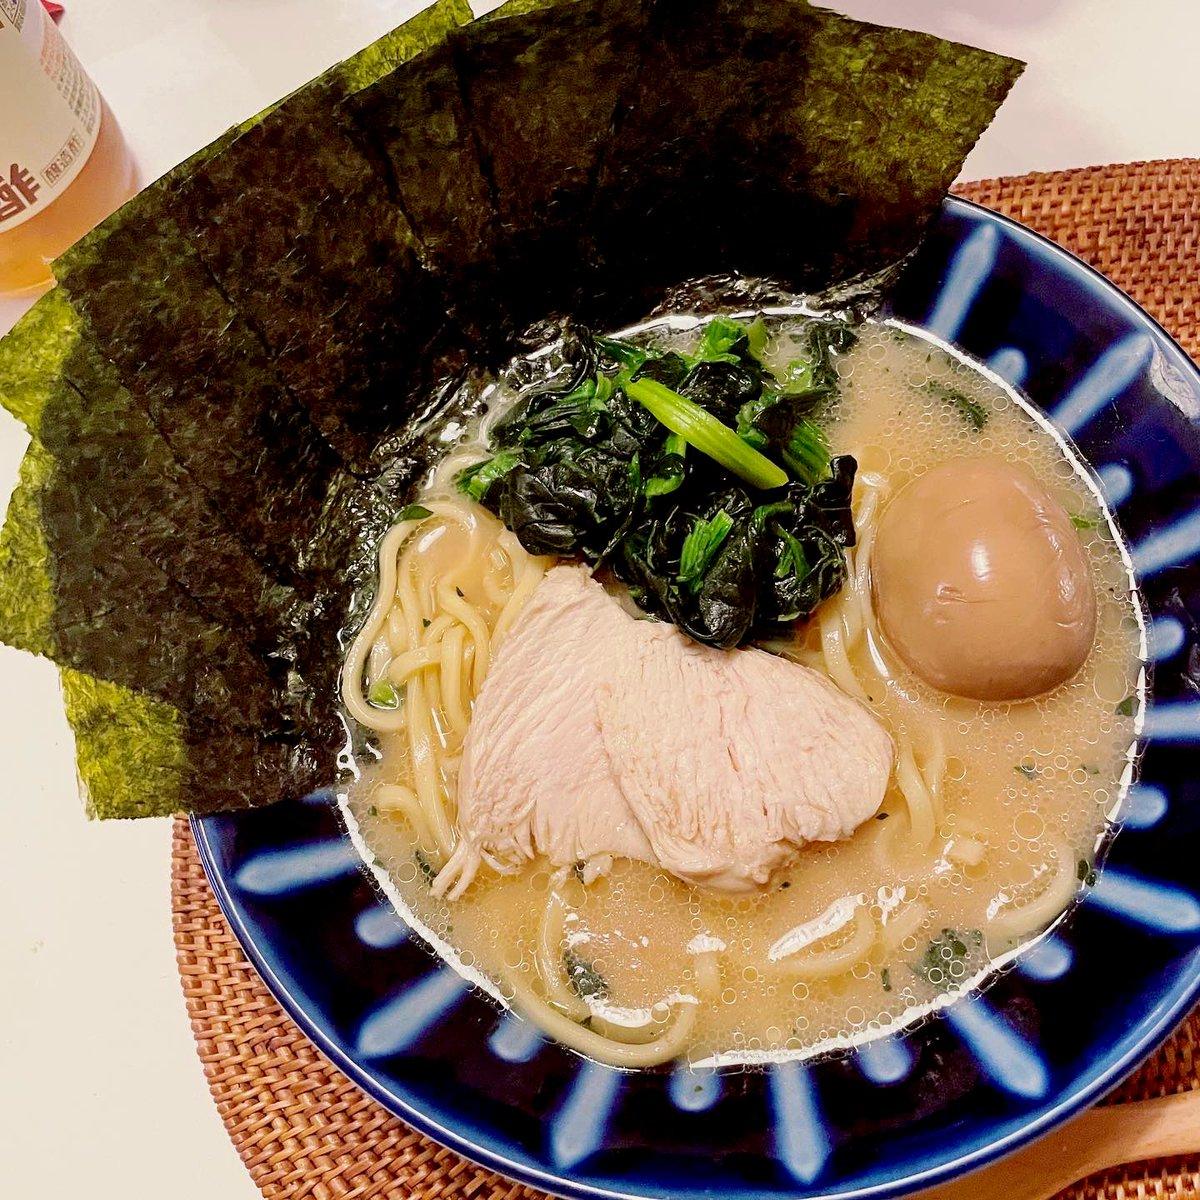 先週作ったのが美味しすぎたから、またもやおうちで家系(*´꒳`*)💓スープと麺以外は作りました♪また鶏胸肉チャーシュー🍜お野菜は夜たっぷり摂ります🤣#なつきcooking #おうちごはん #日本自炊協会 神奈川支部#Twitter家庭料理部#おうちラーメン #家ラーメン